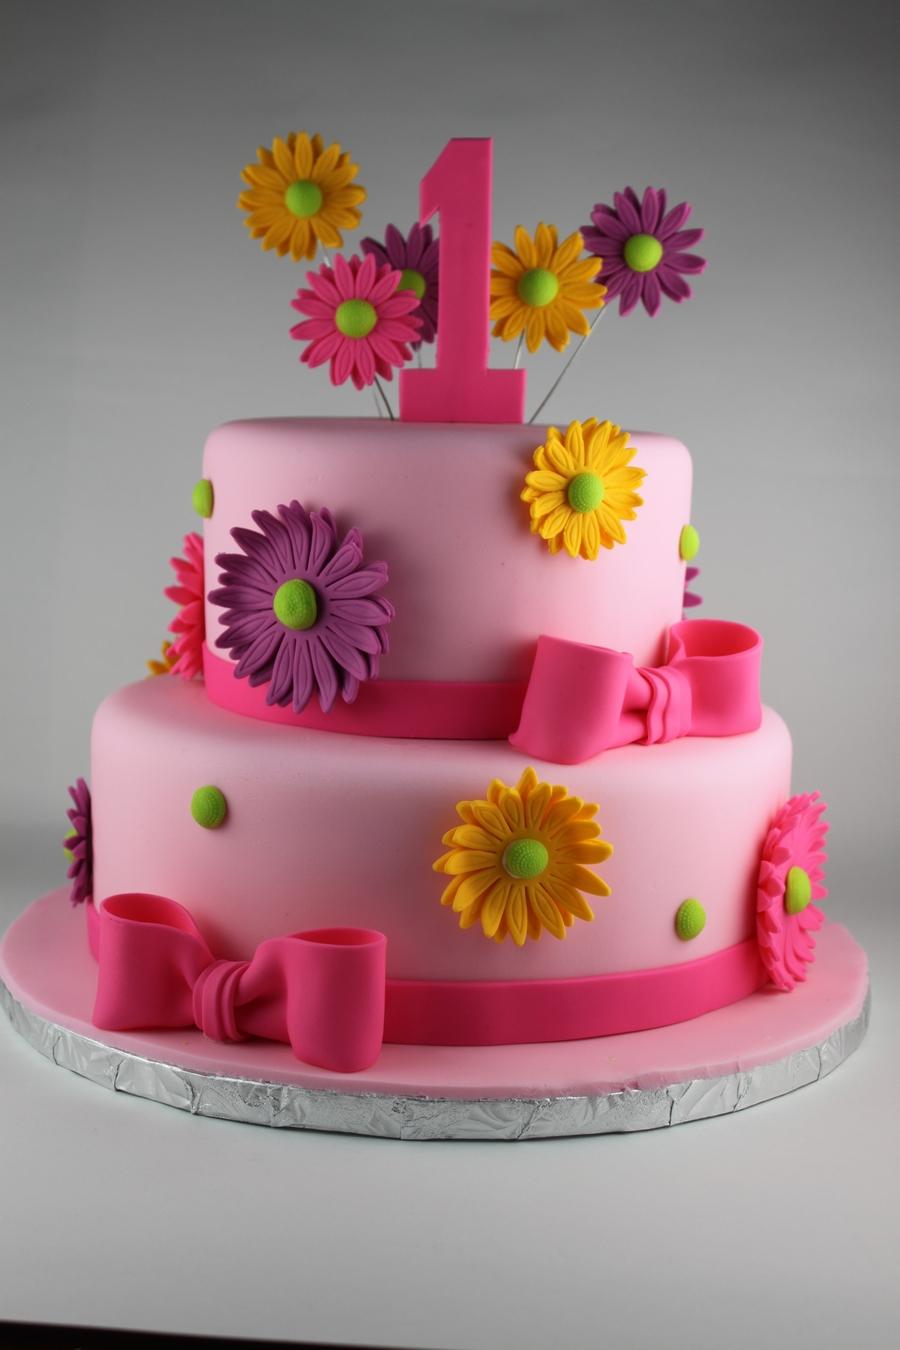 Cake Recipes And Designs